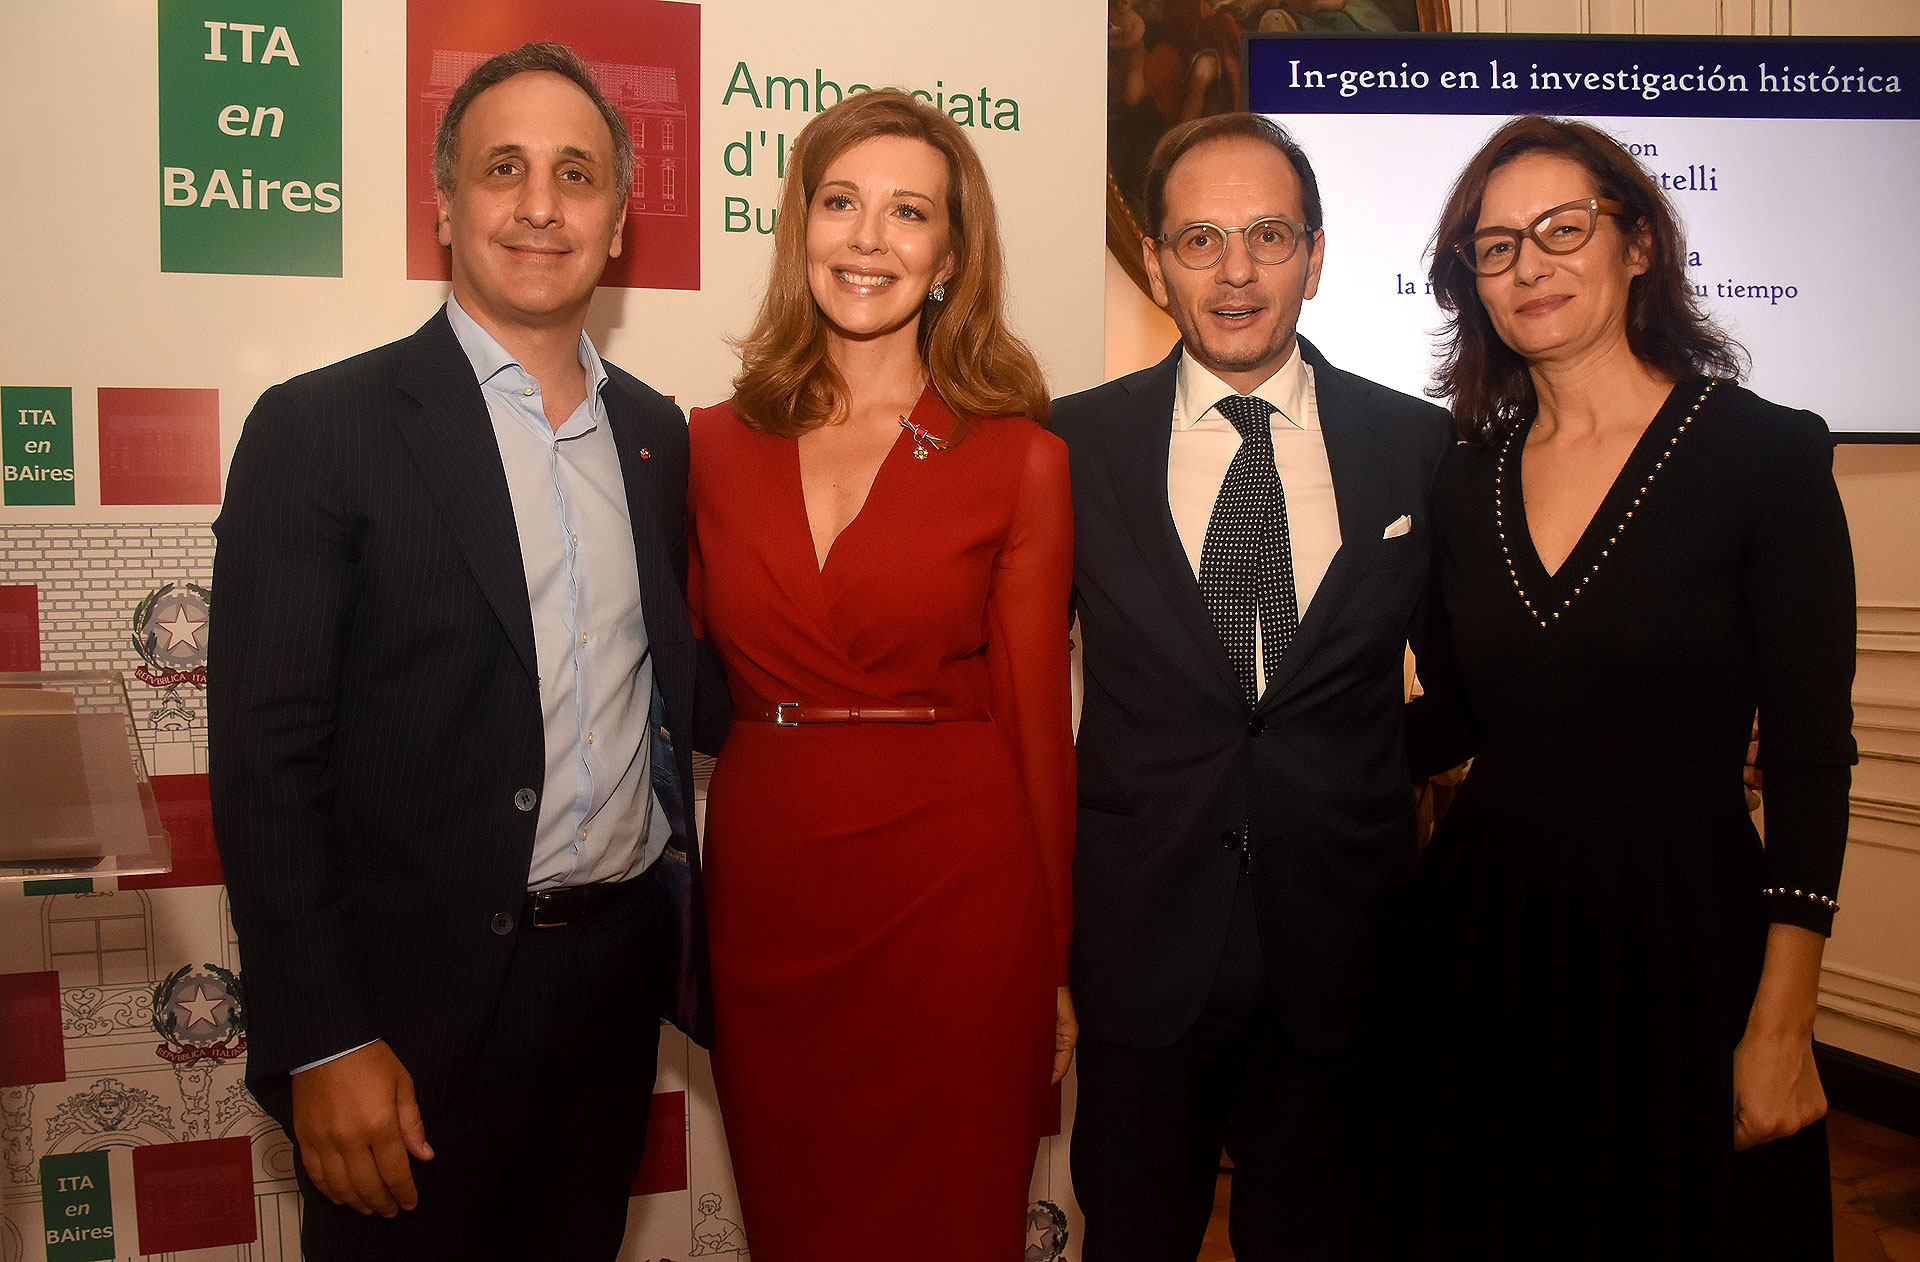 El empresario Marcos Bulgheroni, su esposa y periodista, Nunzia Locatelli, el embajador italiano en Argentina, Giuseppe Manzo y su mujer, Alma